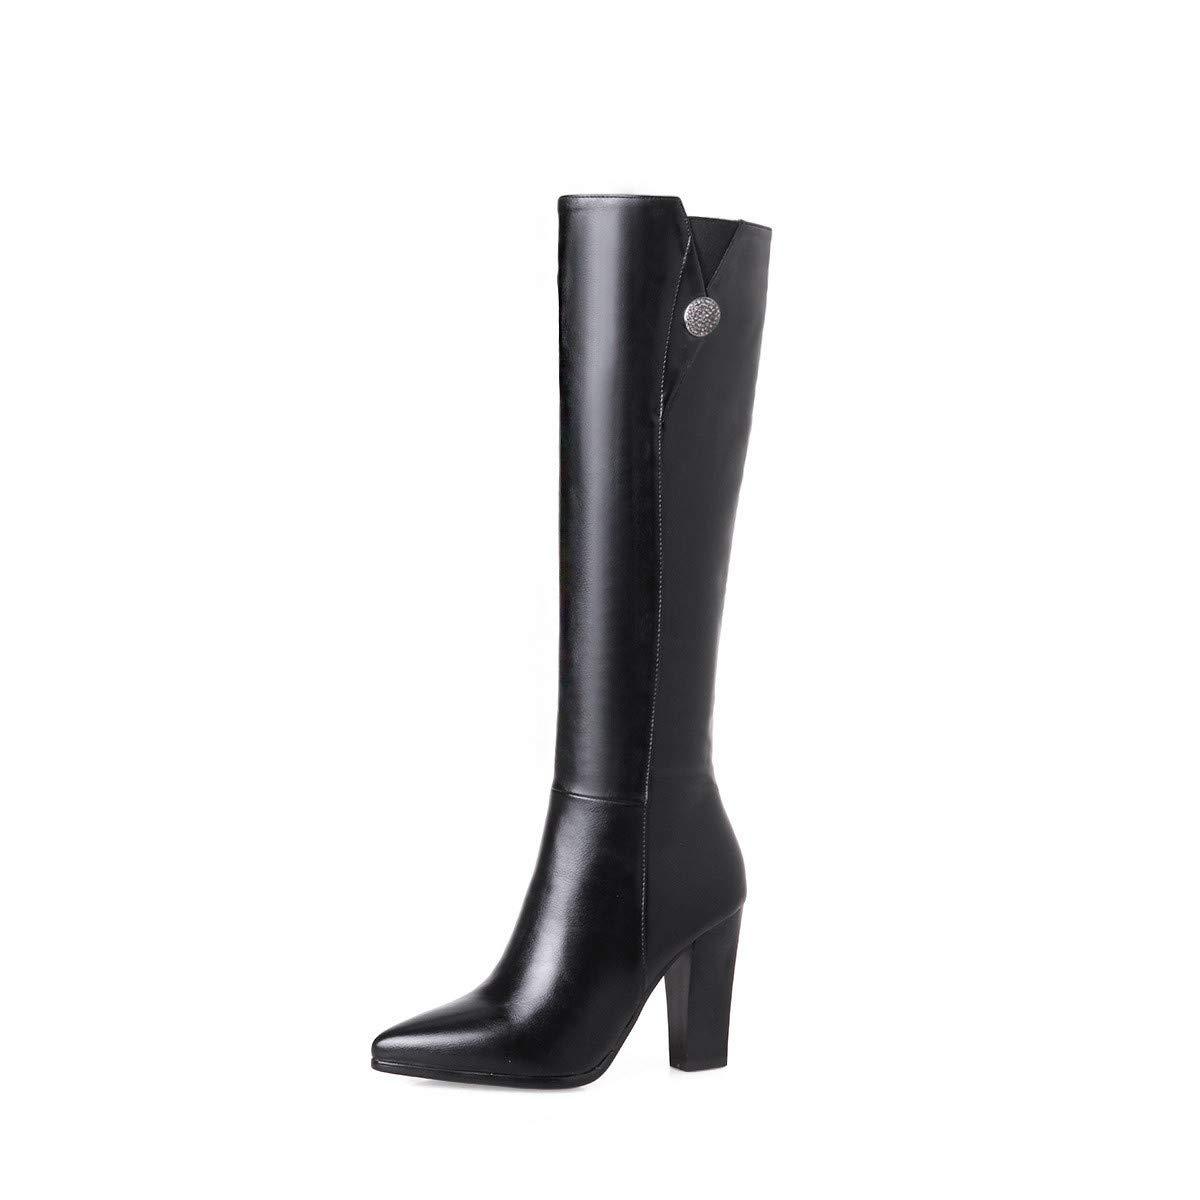 Stiefel-DEDE Stiefel  Übergroße Stiefel    Damenstiefel aus Europa und den Vereinigten Staaten Stiefel mit hohen Absätzen an den Knien 72a4fc